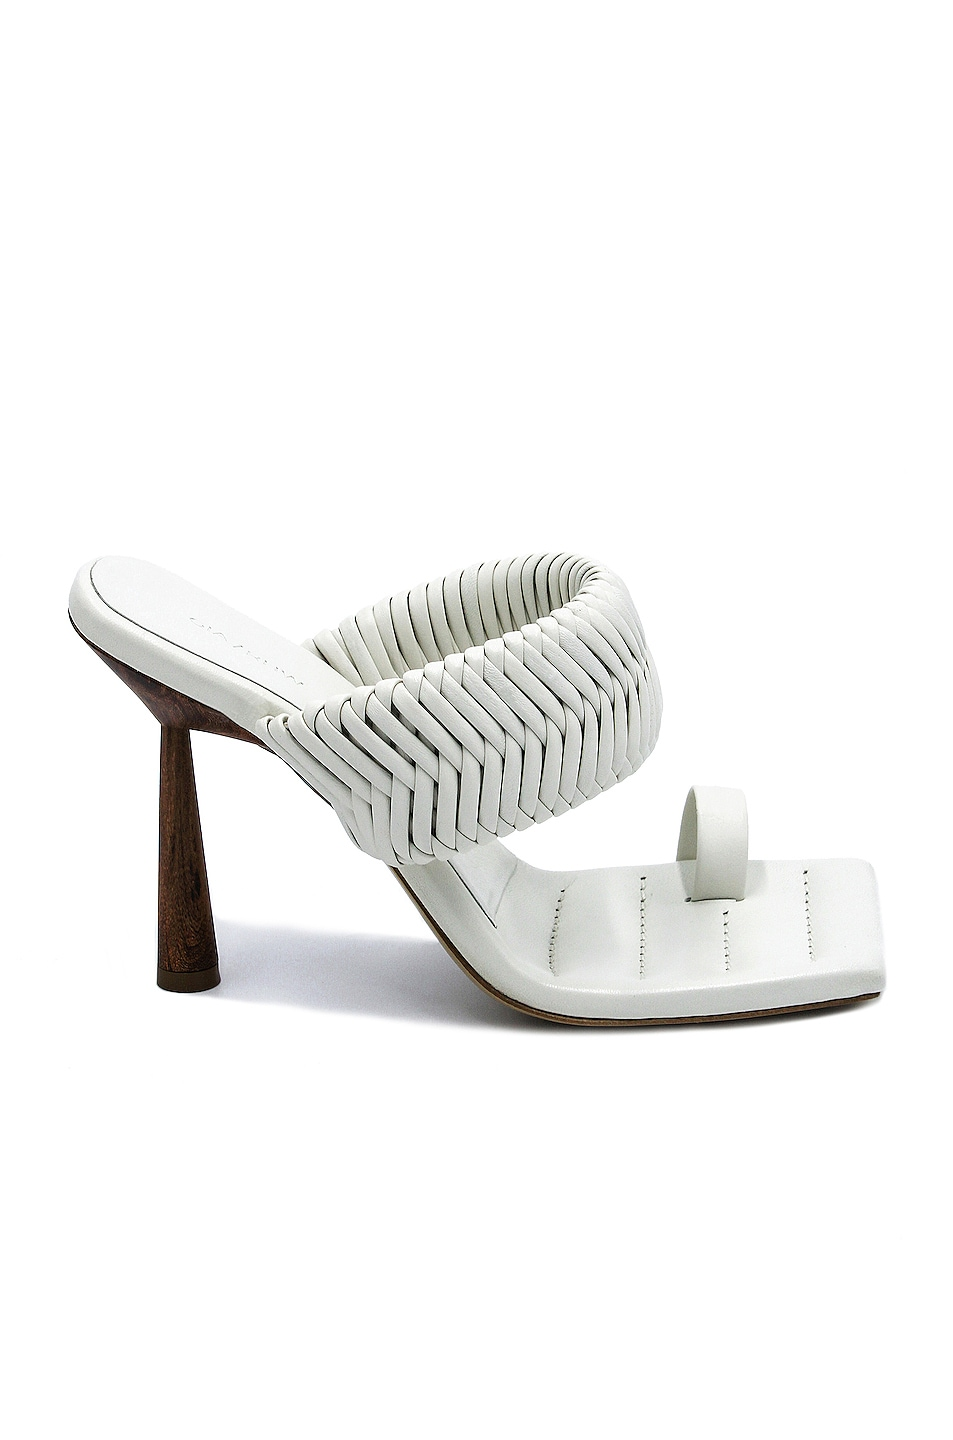 Image 1 of GIA BORGHINI x RHW Toe Ring Mule in White